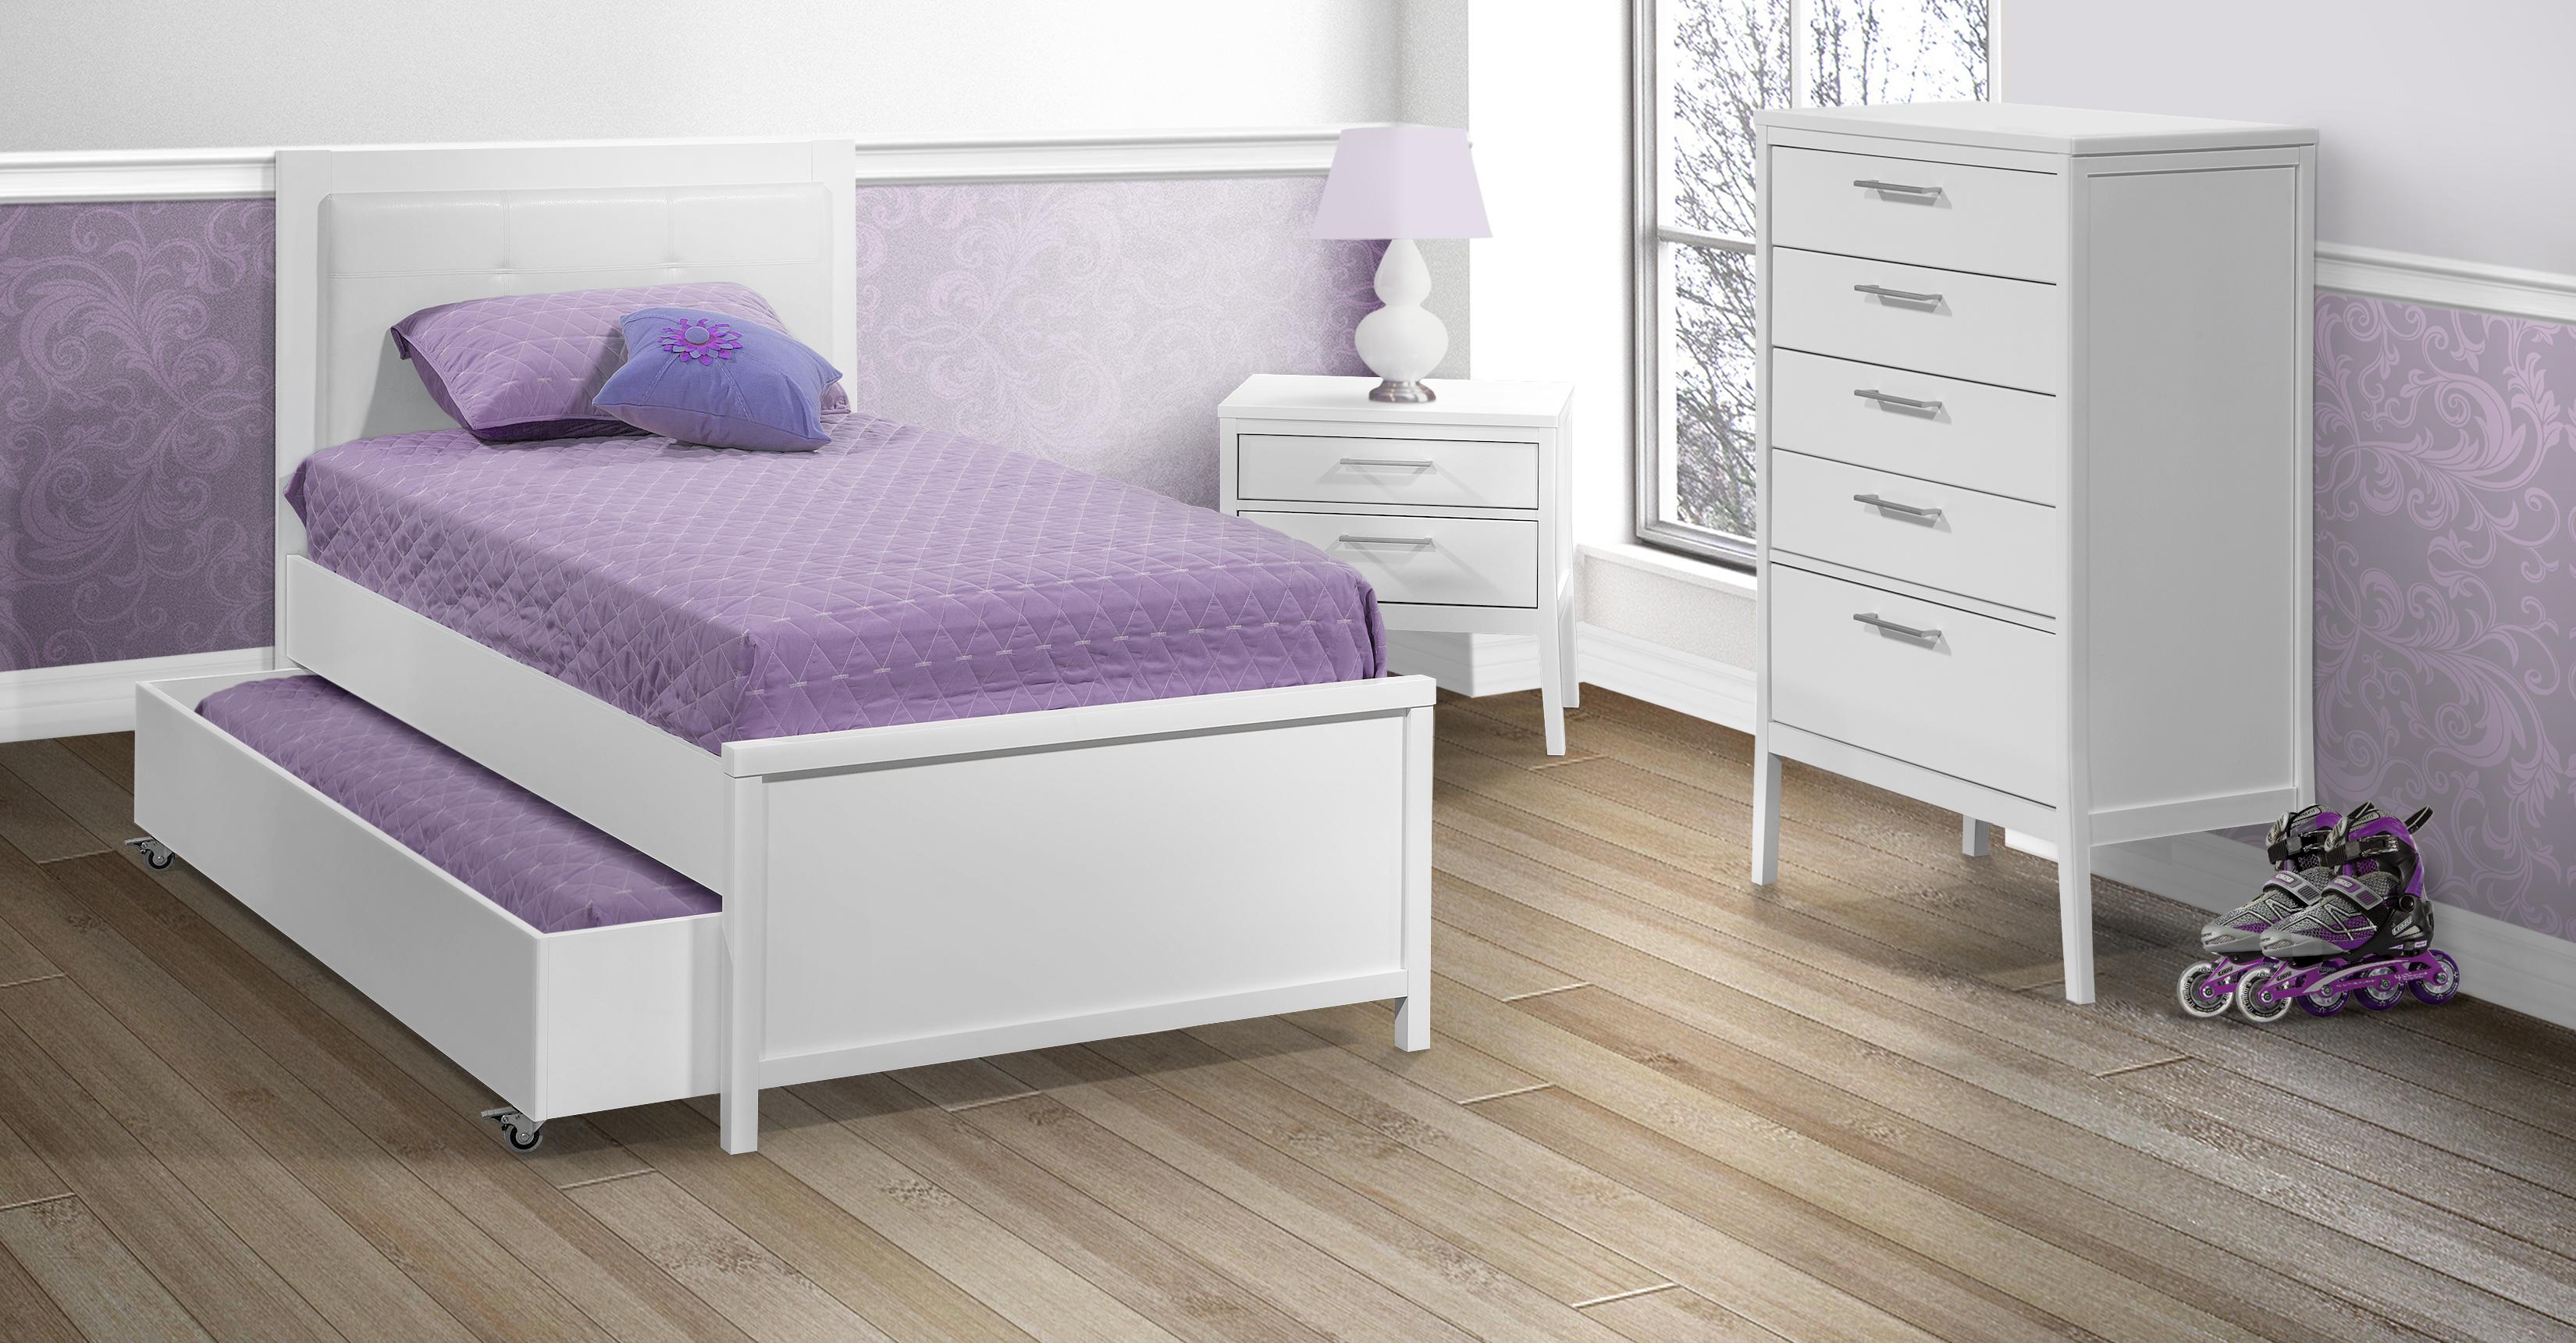 Furniture Gemini Junior 26000